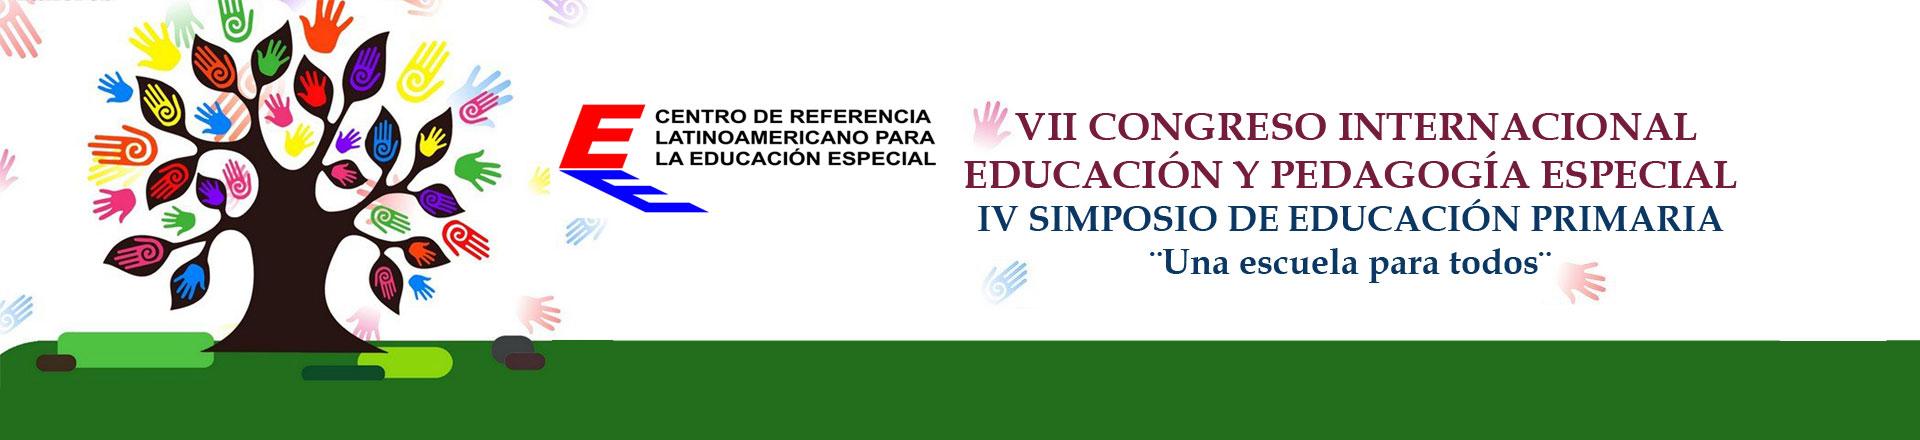 Congreso Internacional Educación y Pedagogía Especial